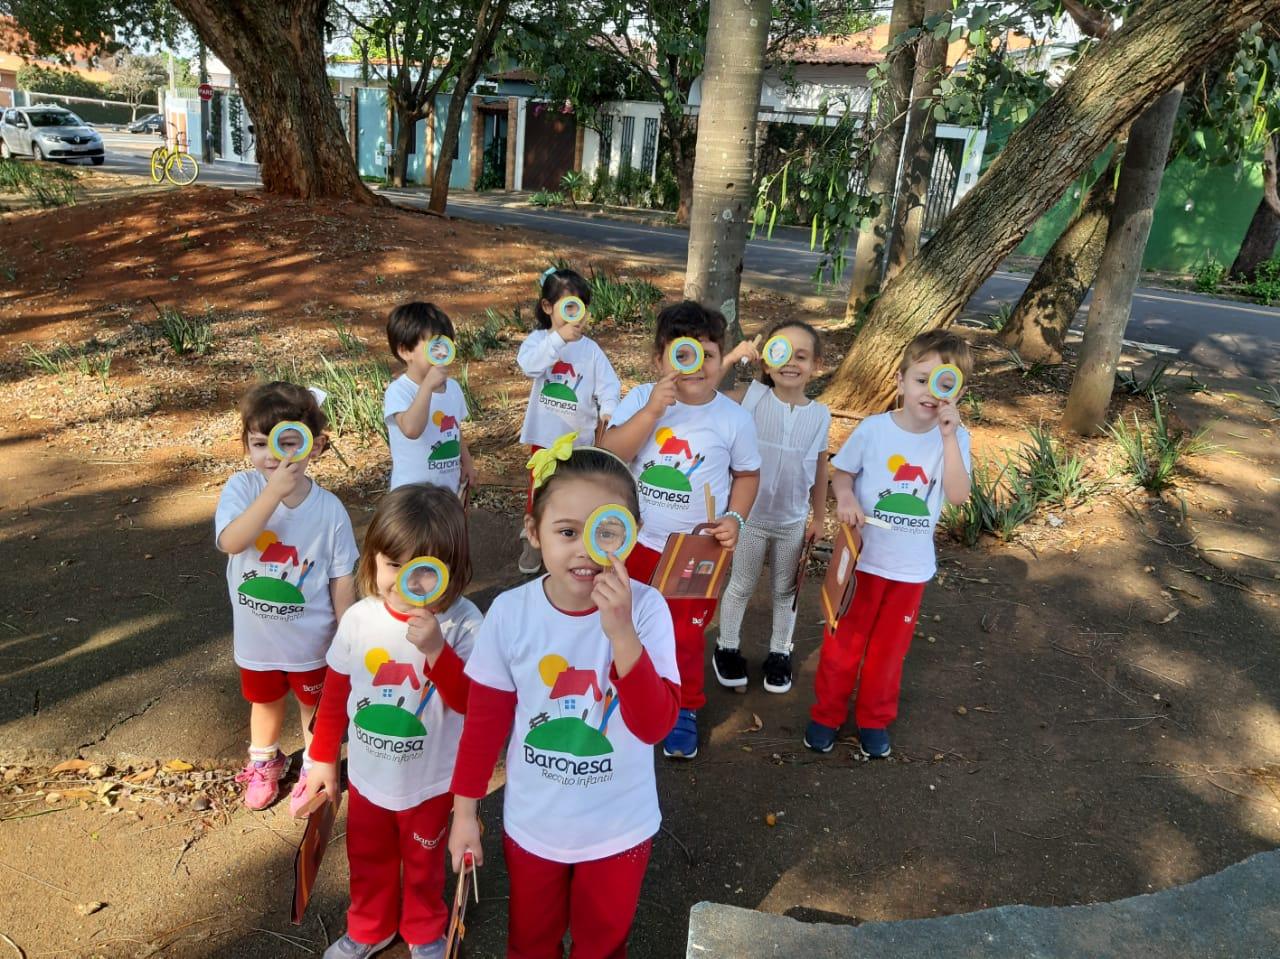 Passeio de investigadores da natureza! 🔍 O Infantil I fez um passeio pela praça para colher elementos da natureza e admirá-la!